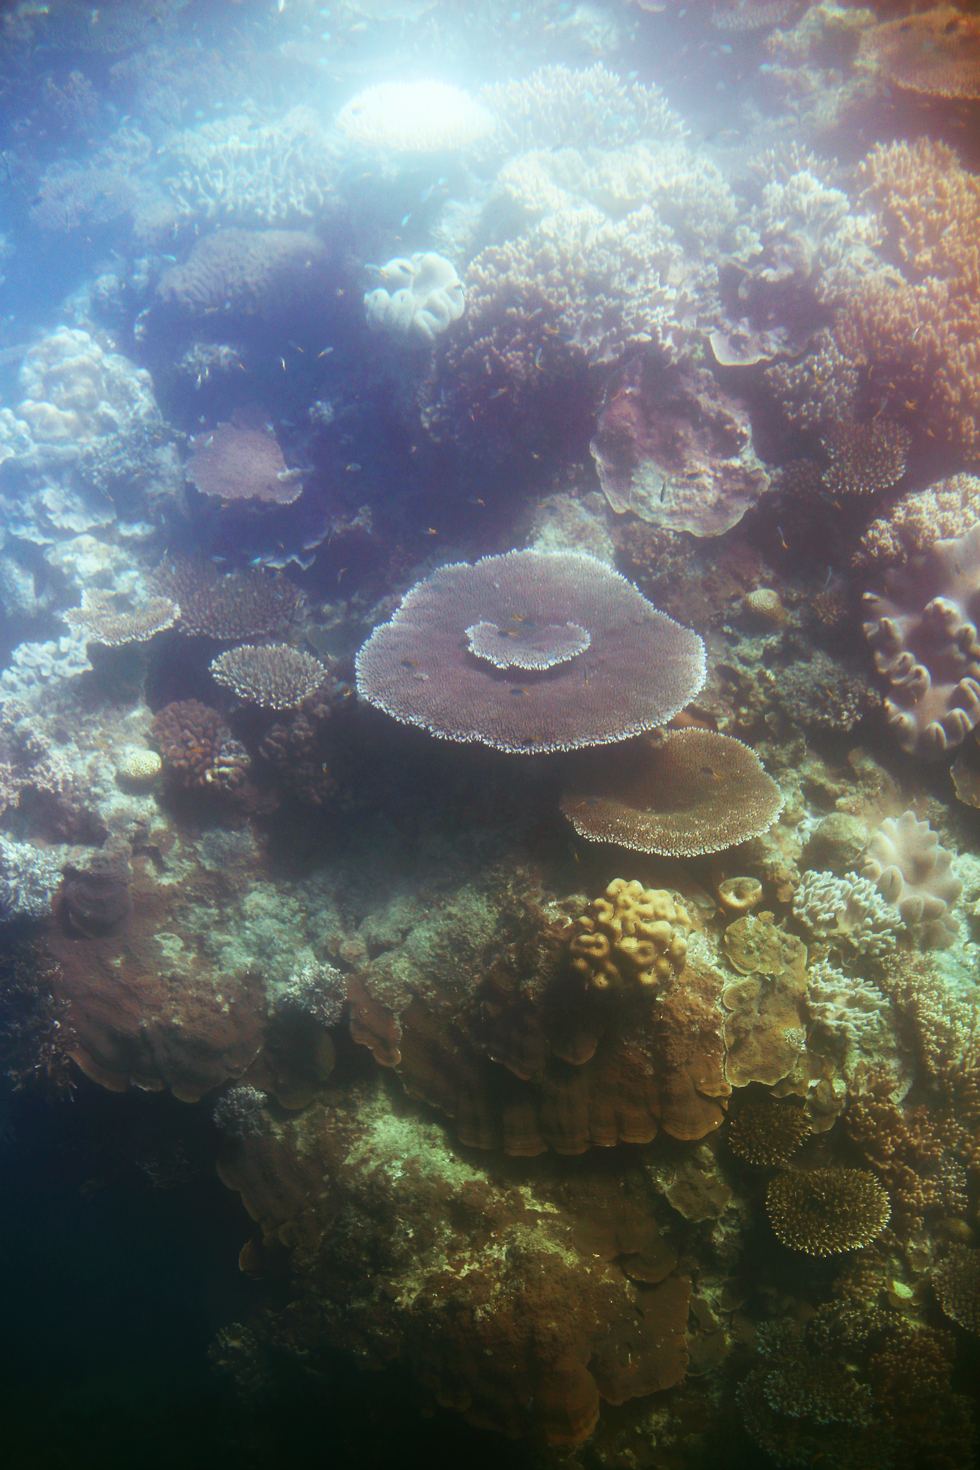 korall stora barriärrevet - sara edström26